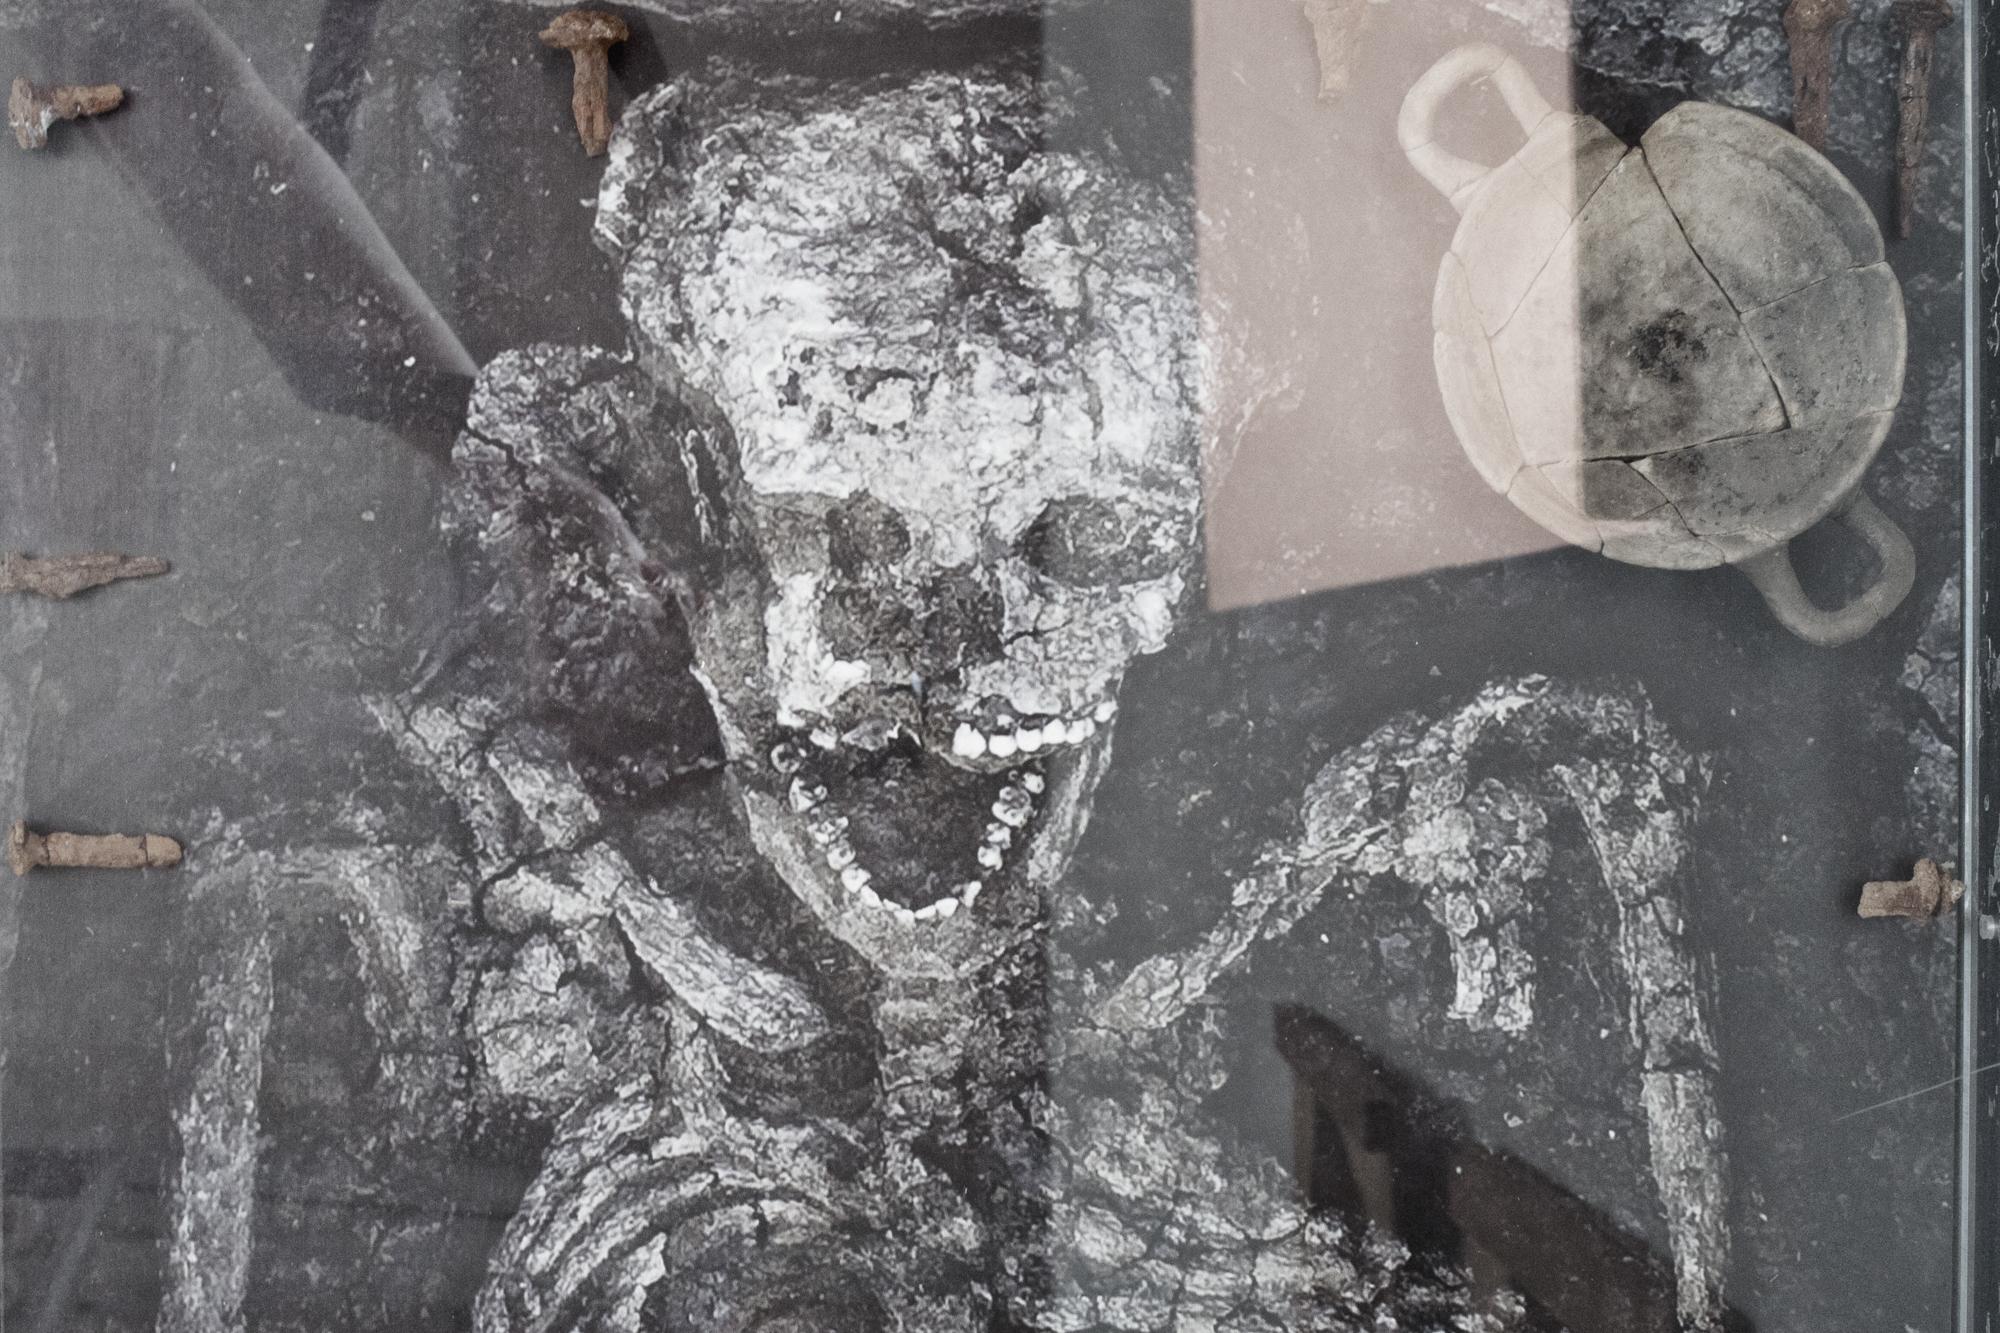 Dettaglio di sepoltura, dal Museo Archeologico di  Satricum . Le Ferriere (LT), 2015.  Intorno al nucleo centrale della città di  Satricum  sono state scoperte diverse necropoli. Nel museo accanto al sito archeologico sono esposti alcuni degli scheletri ritrovati, tra cui quello di un uomo tra i 25 e i 30 anni, risalente al V secolo A.C.